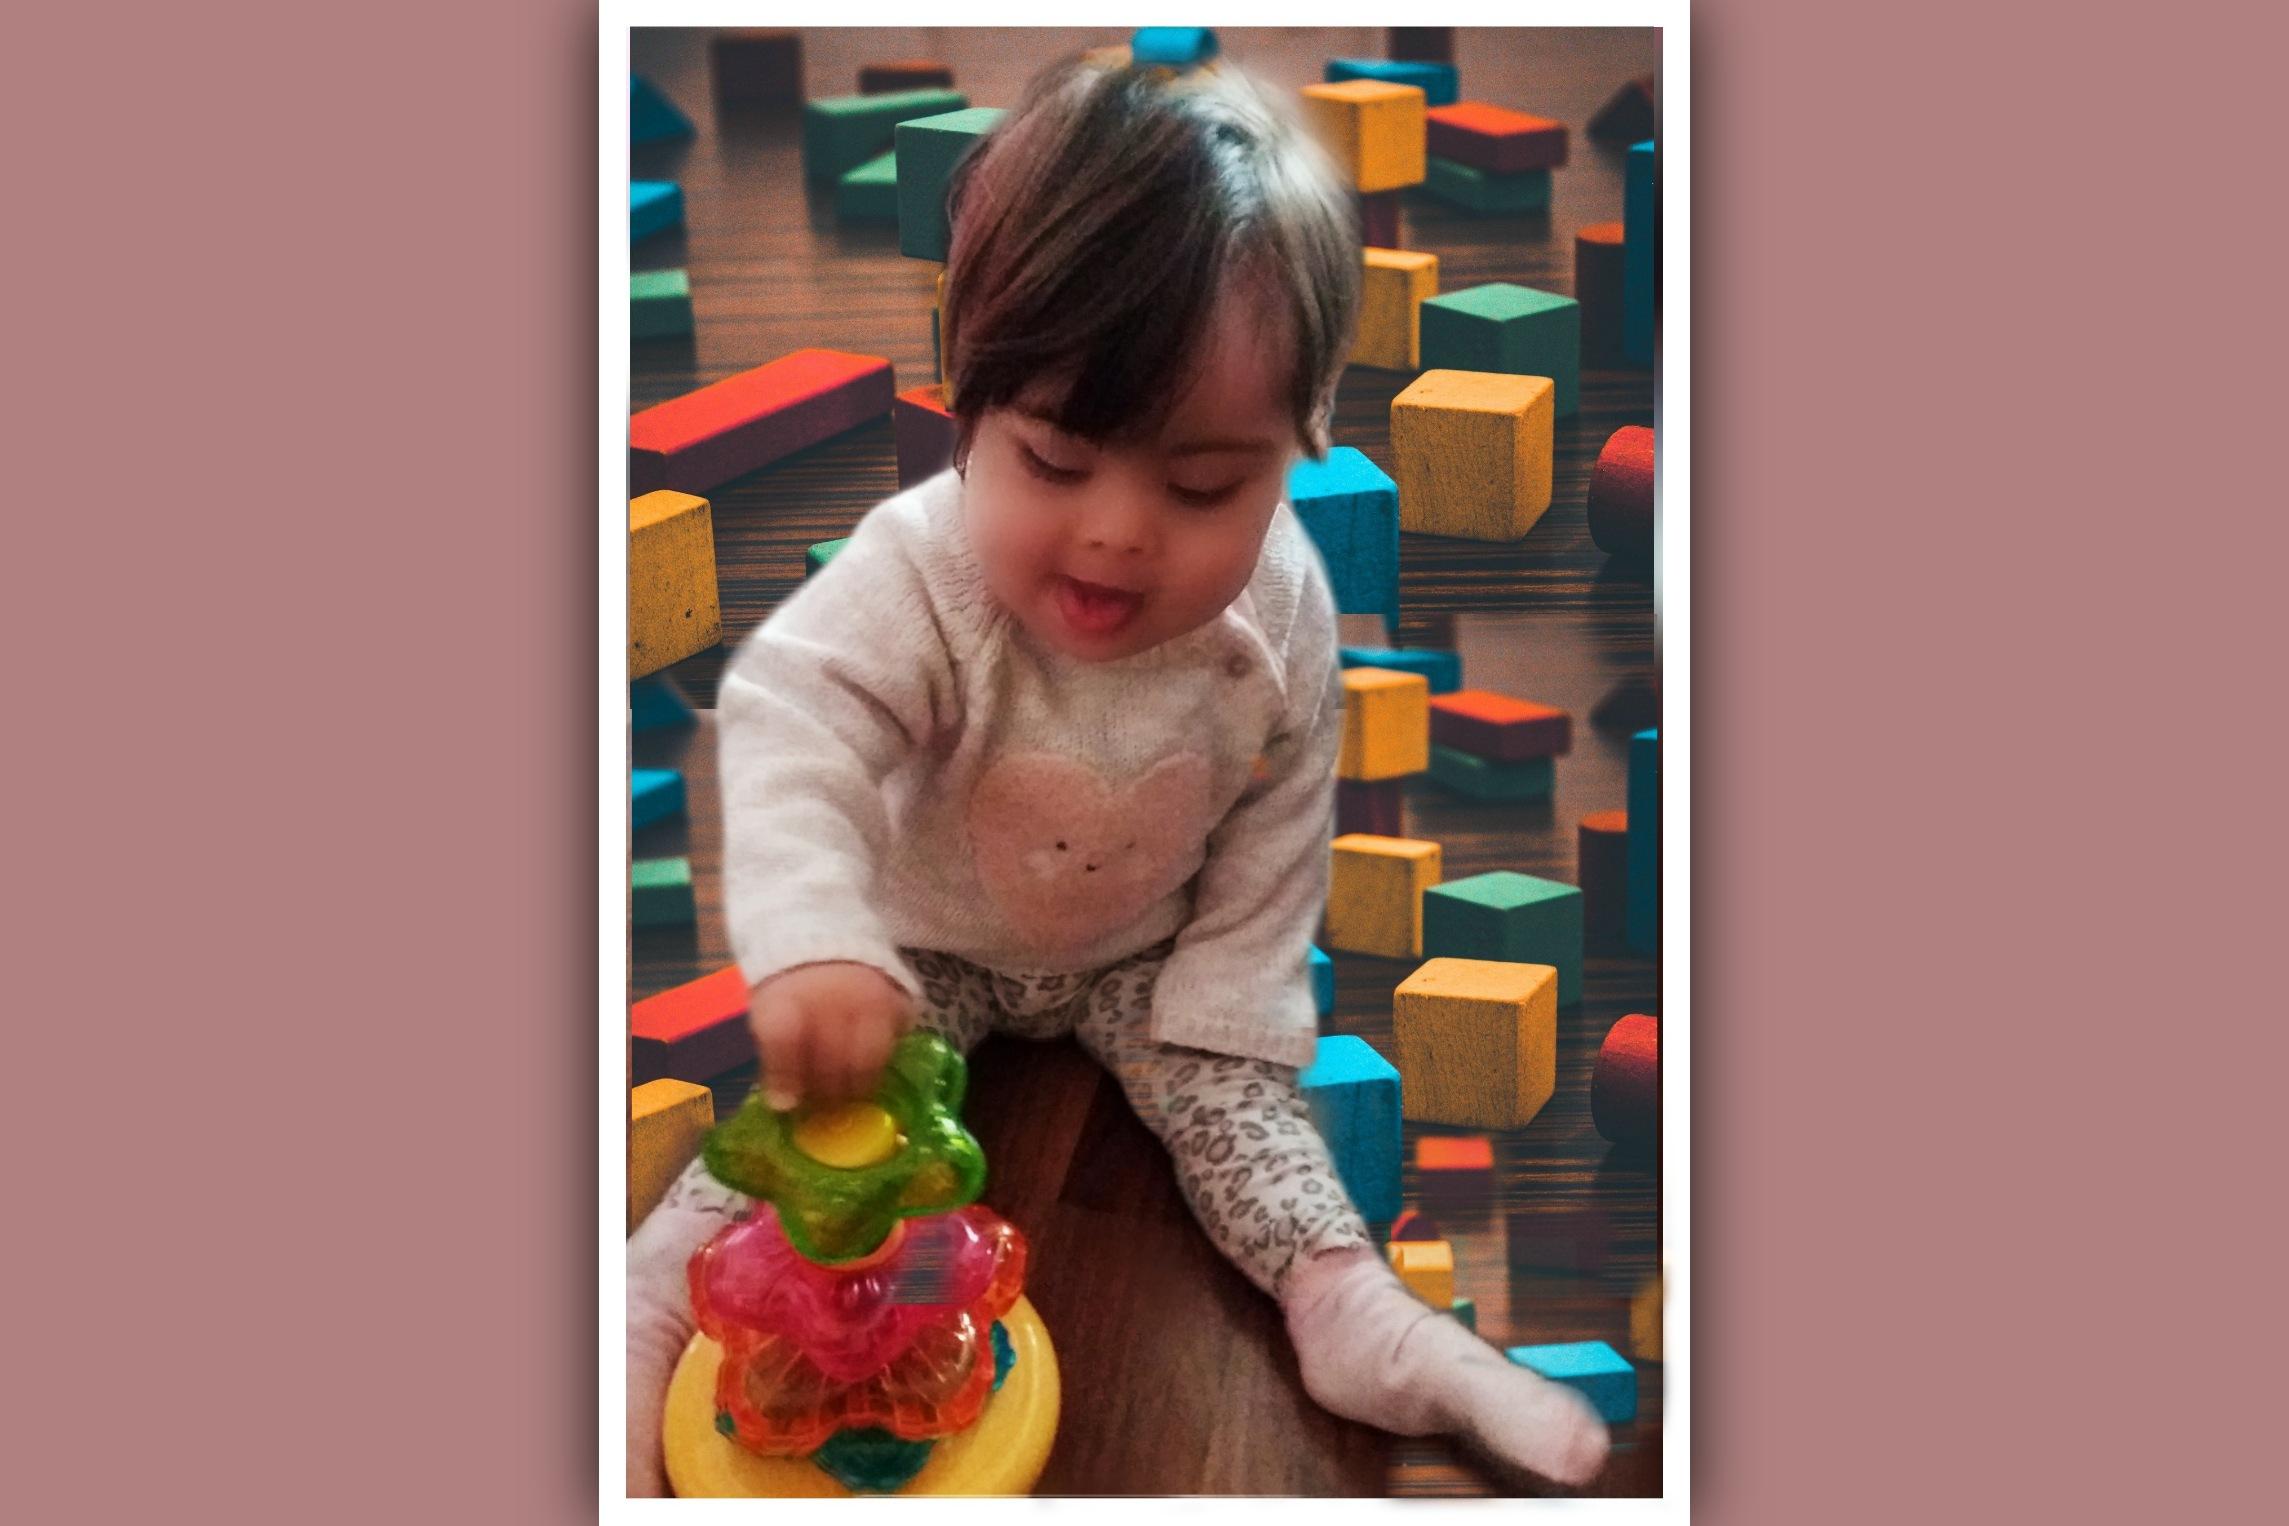 nina con sindrome de down jugando con bloques